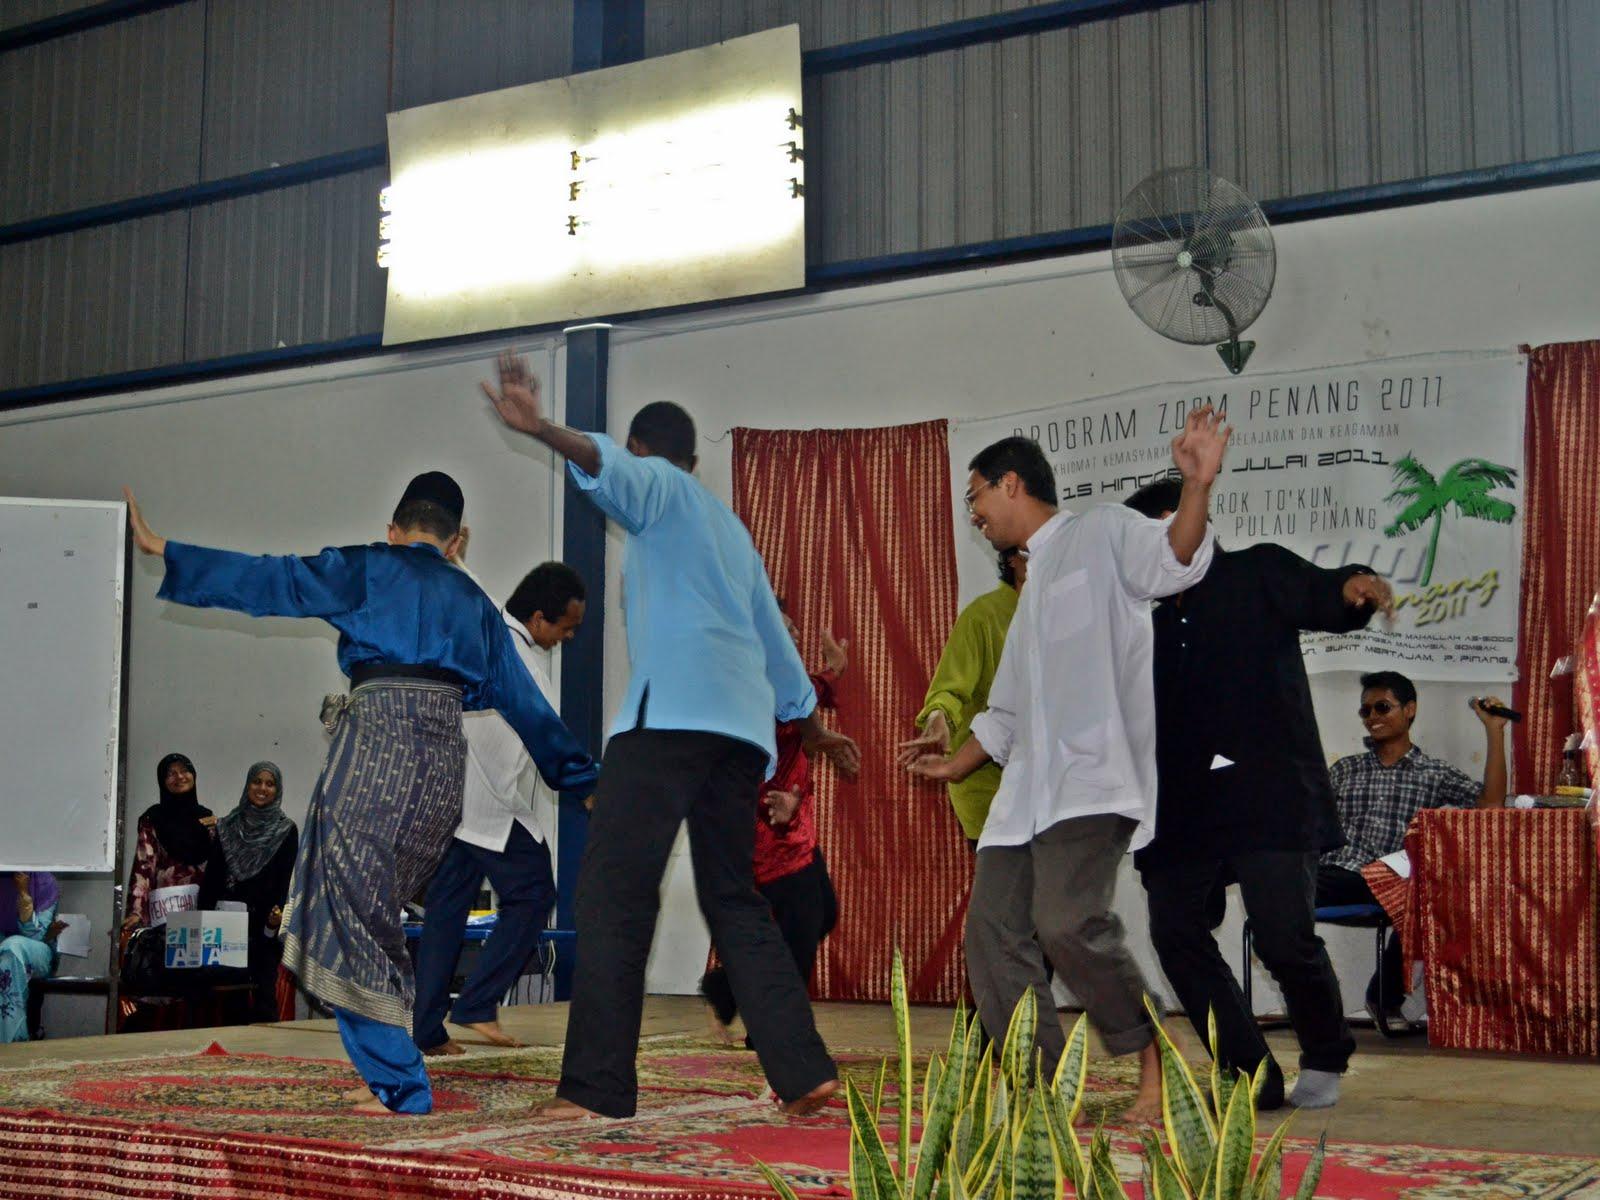 Mahasiswa UIAM Berkampung 6 hari 5 malam di Kampung Cerok To'Kun